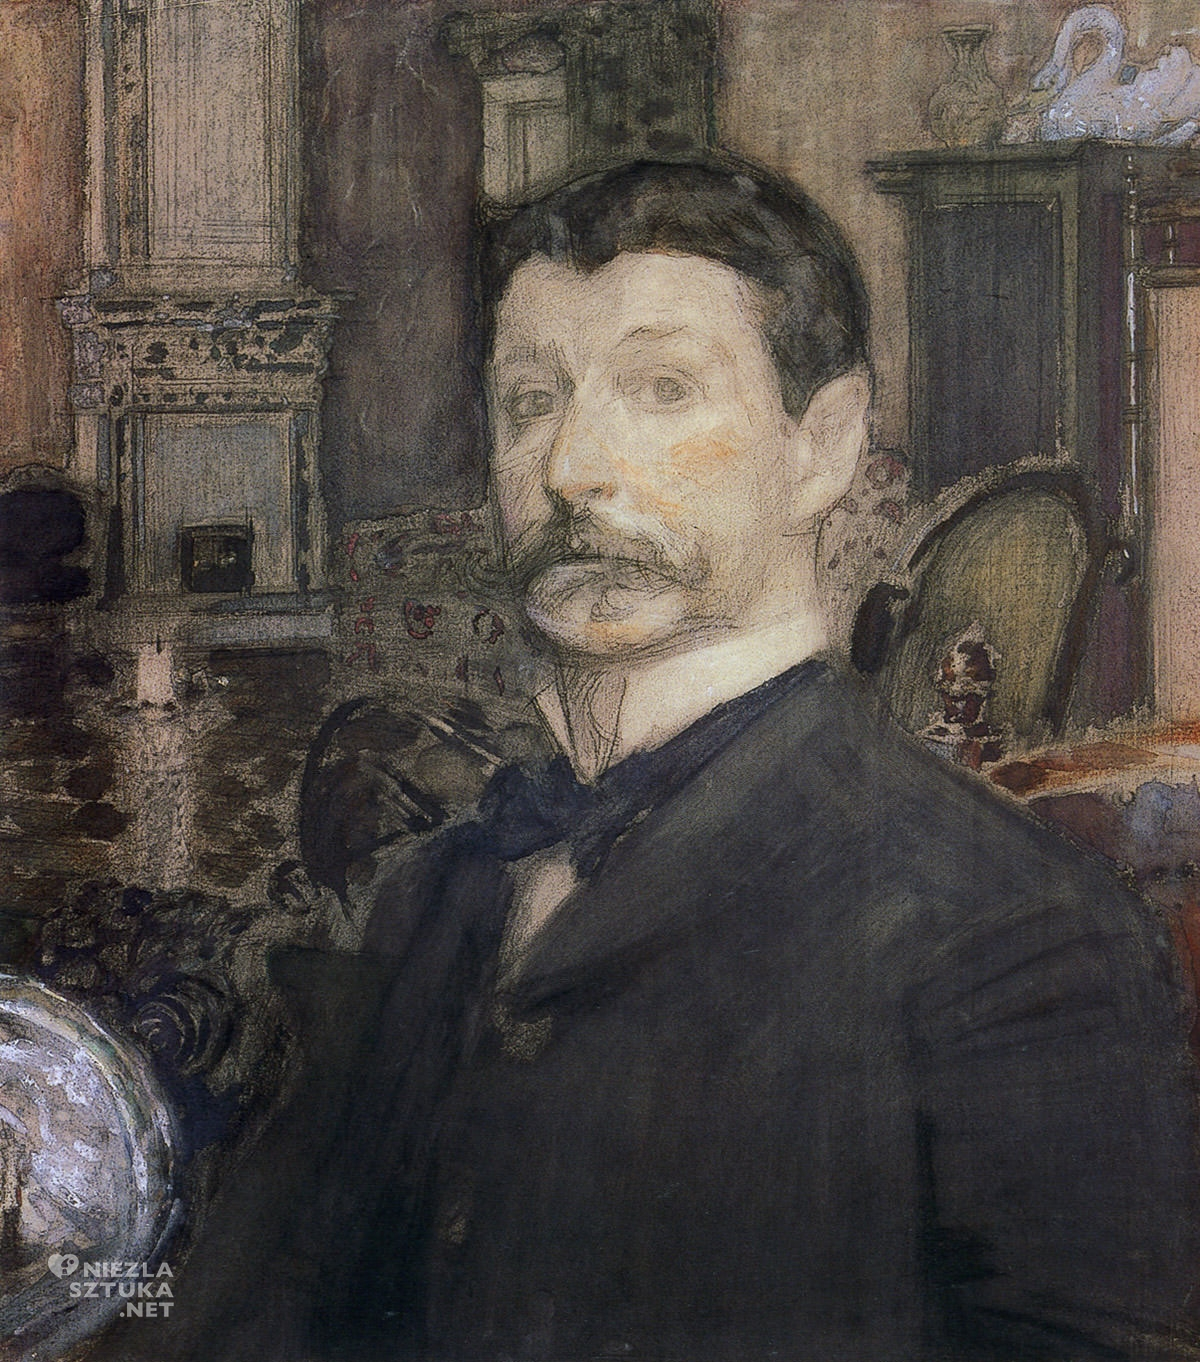 Michaił Wrubel autoportret, sztuka rosyjska, Niezła Sztuka